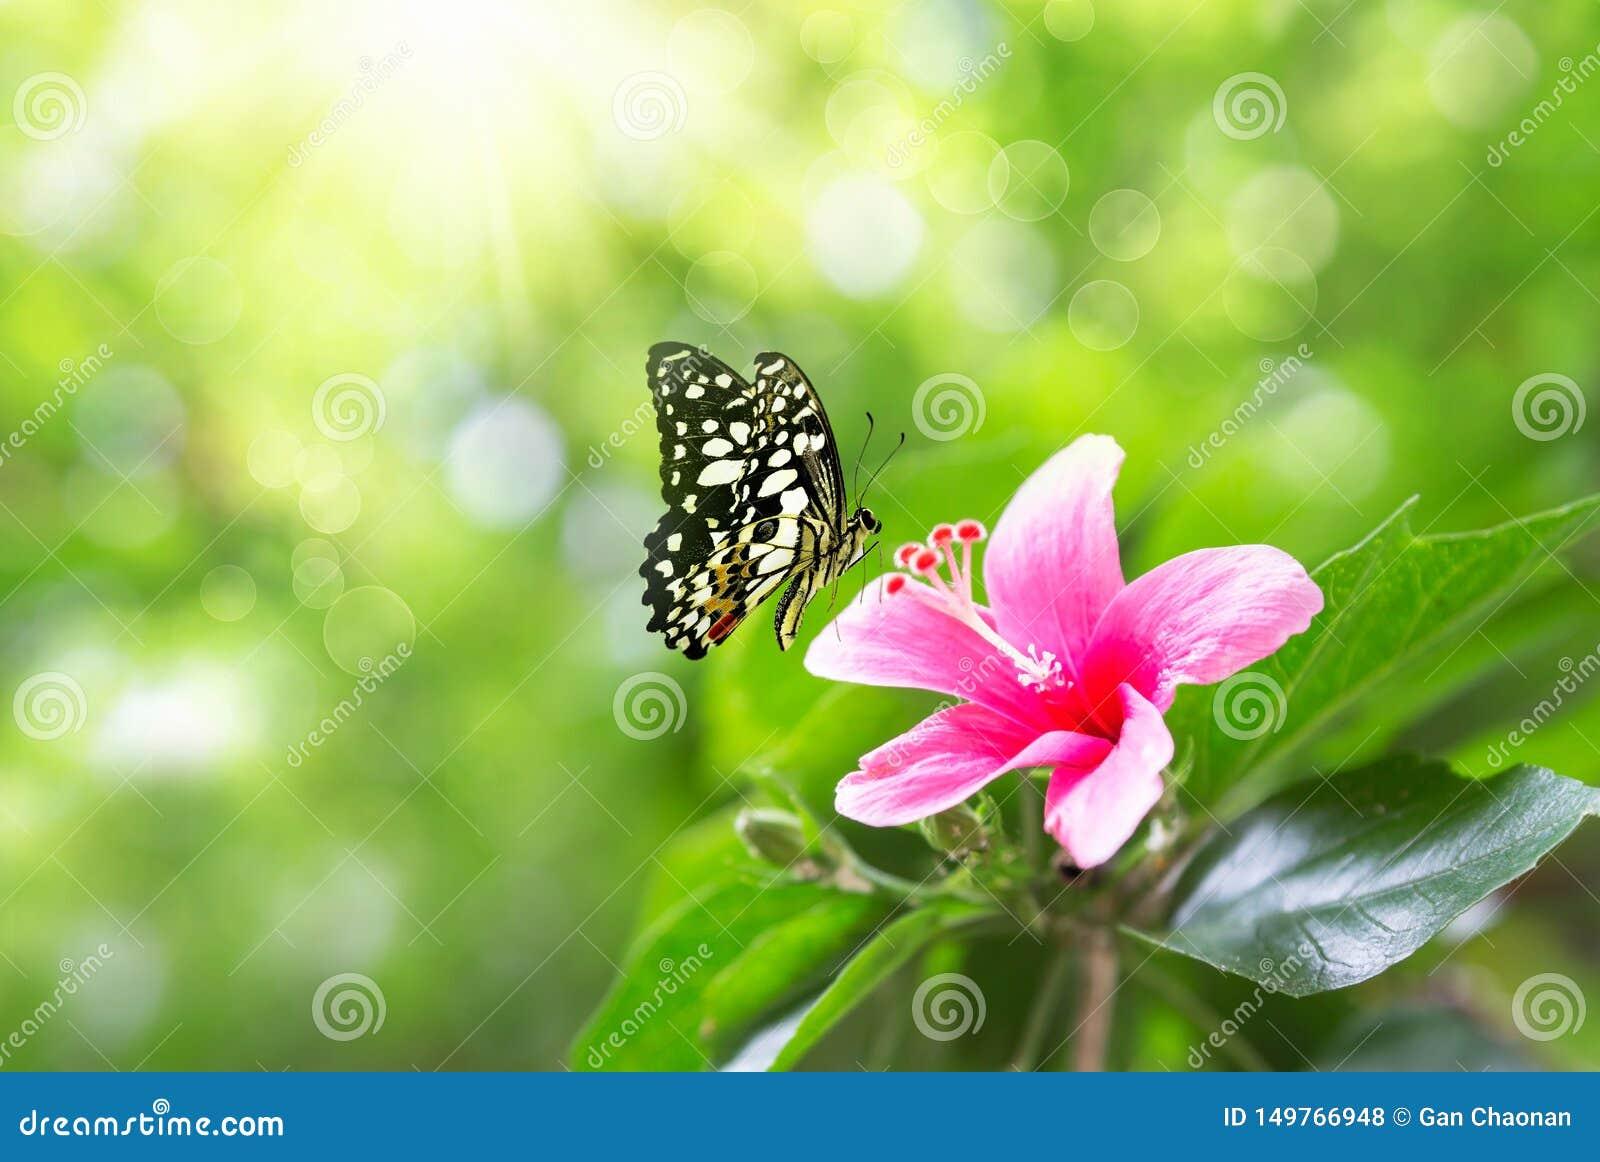 Neuer Frühlingsmorgen der schönen rosa Blumenanemonen auf Natur und flatterndem Schmetterling auf dem weichen grünen Hintergrund,